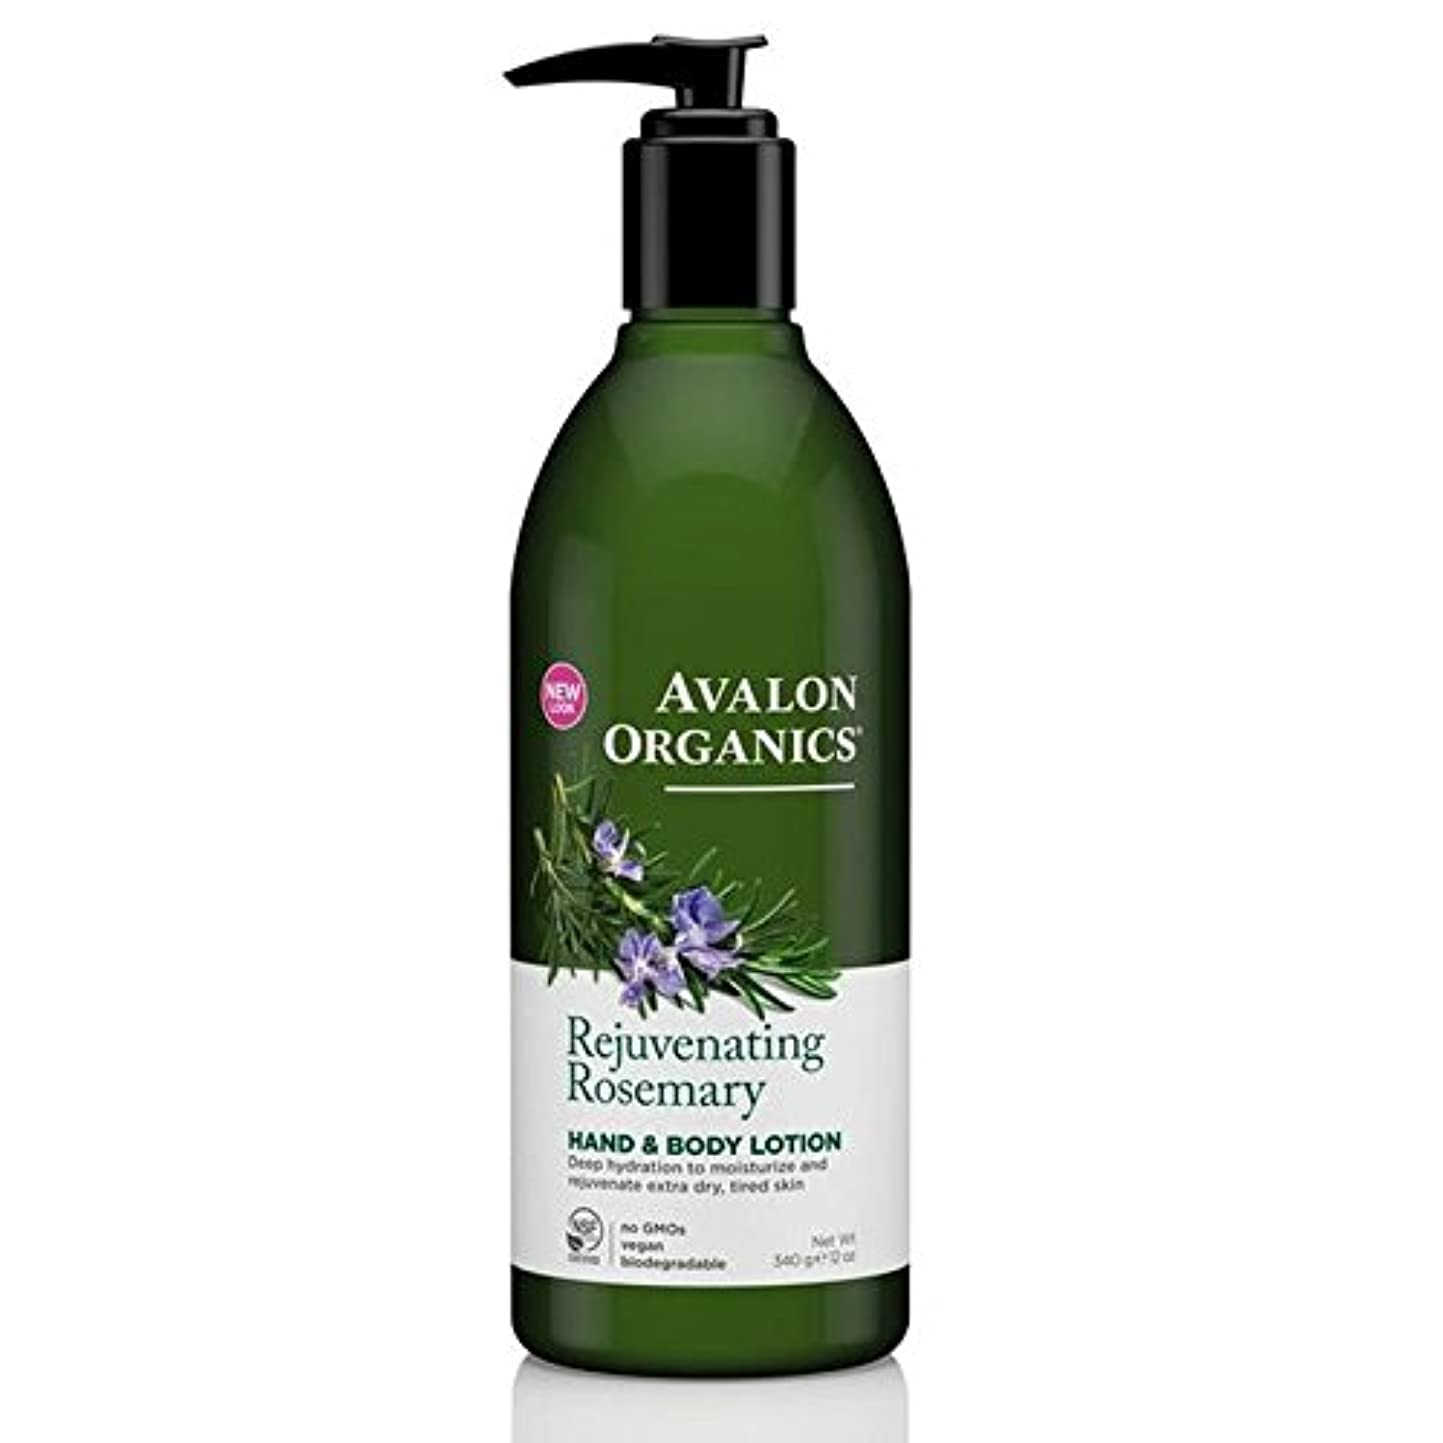 トムオードリース保持するつづりAvalon Organics Rosemary Hand & Body Lotion 340g - (Avalon) ローズマリーハンド&ボディローション340グラム [並行輸入品]